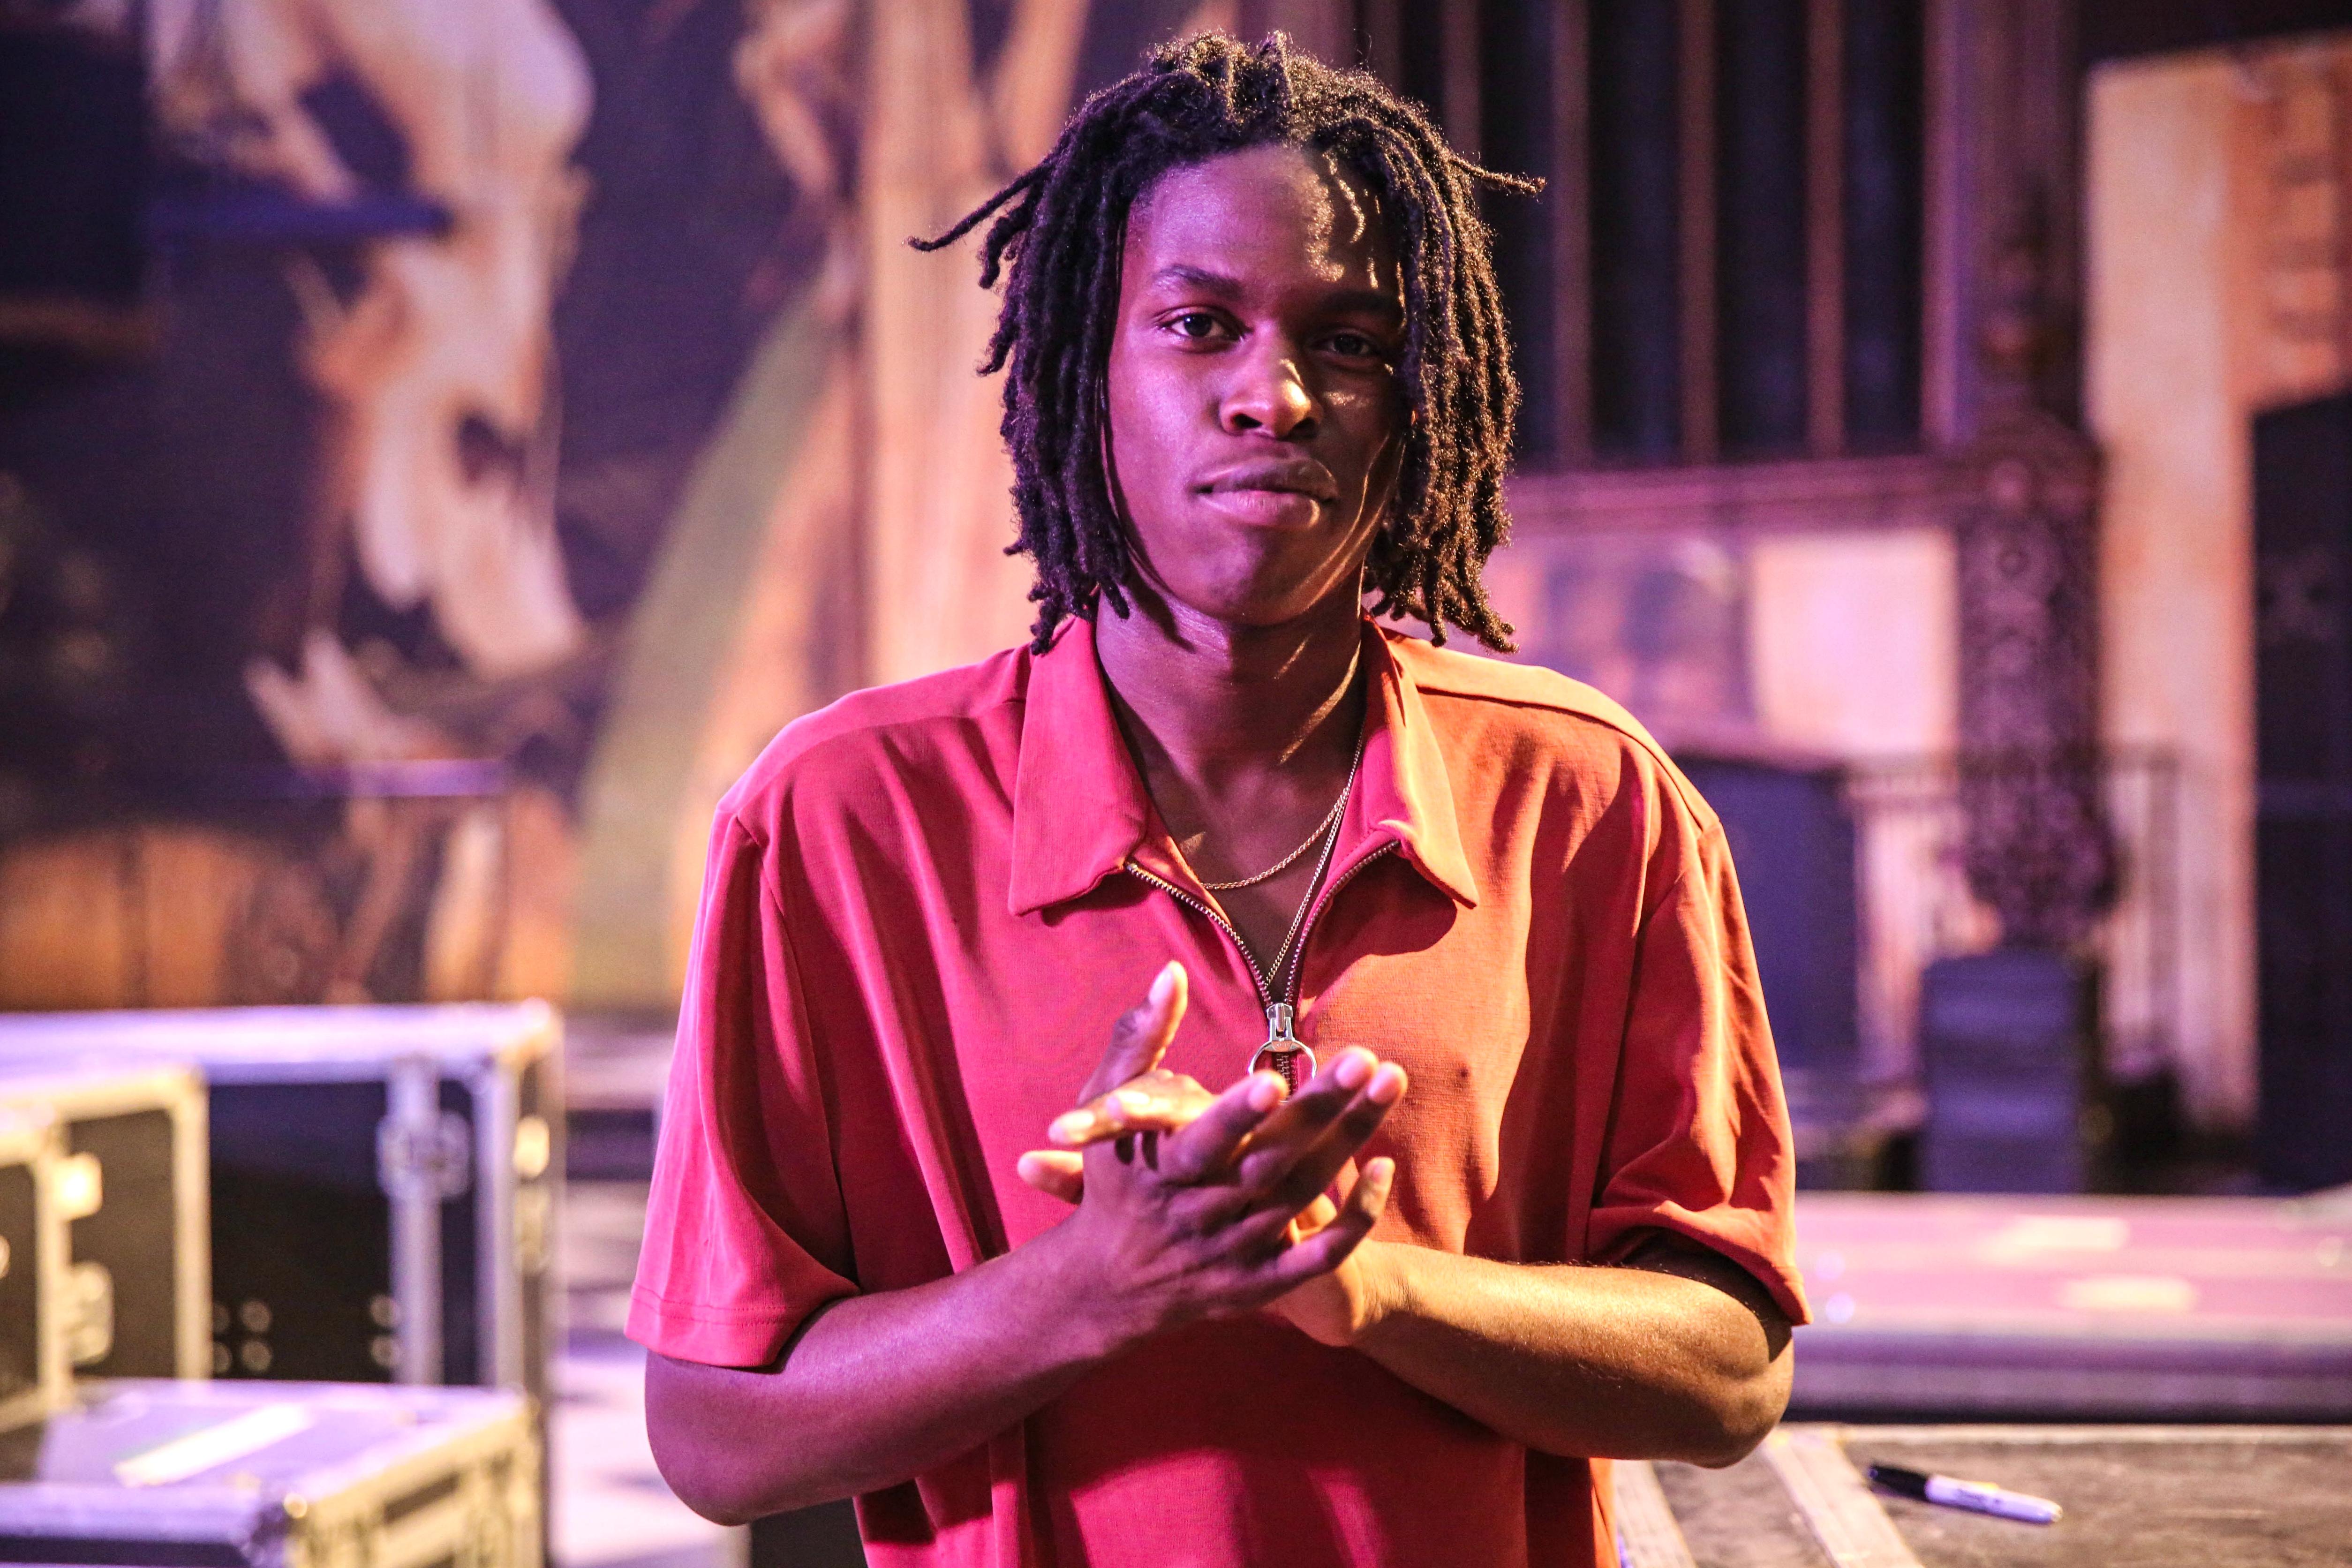 Daniel Caesar Performs At Fonda Theatre